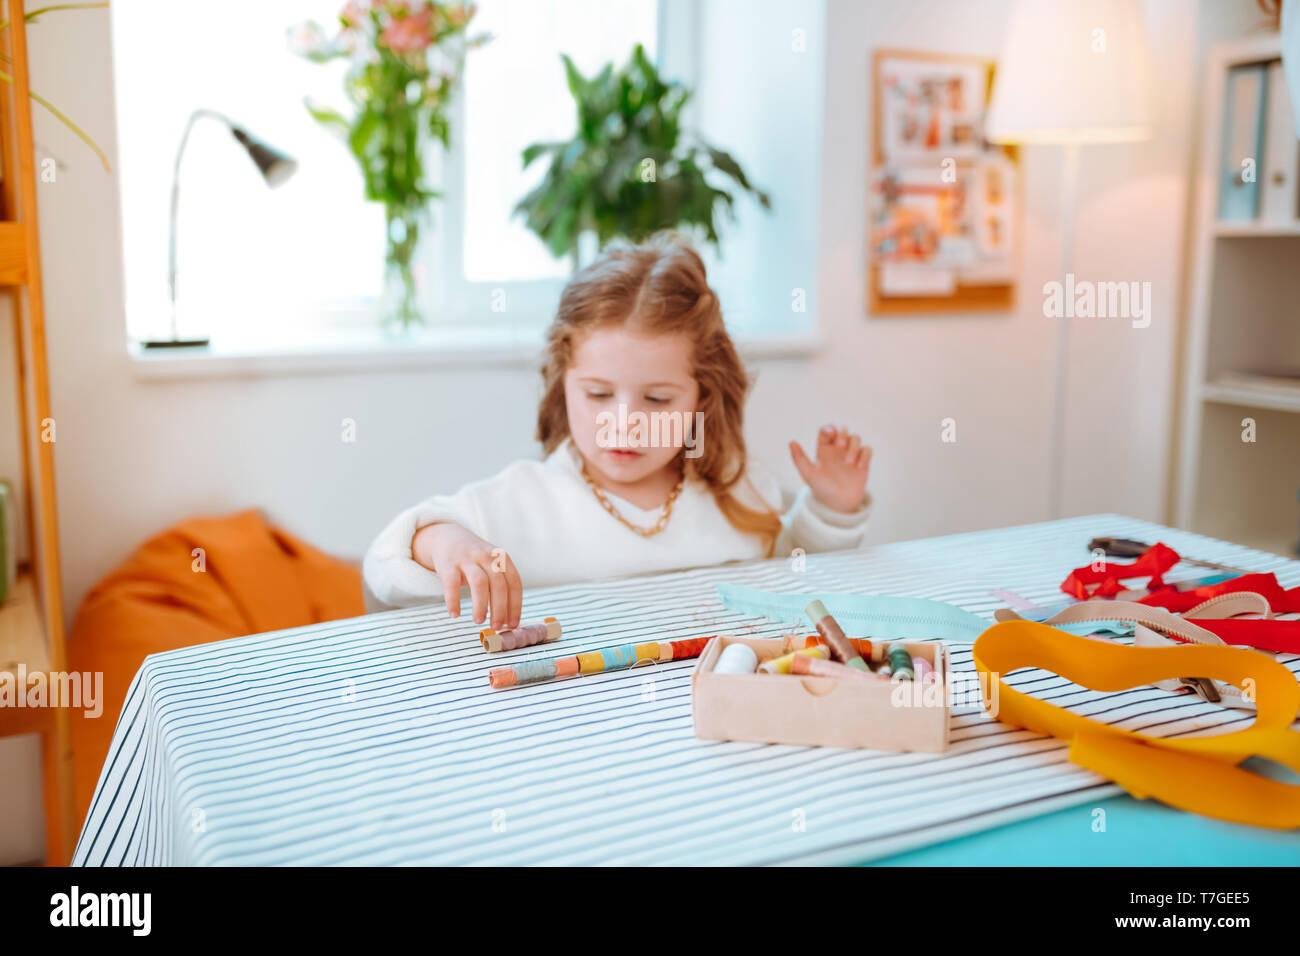 Lustig Mädchen spielen mit bunten Fäden mama Besuchen am Arbeitsplatz Stockbild